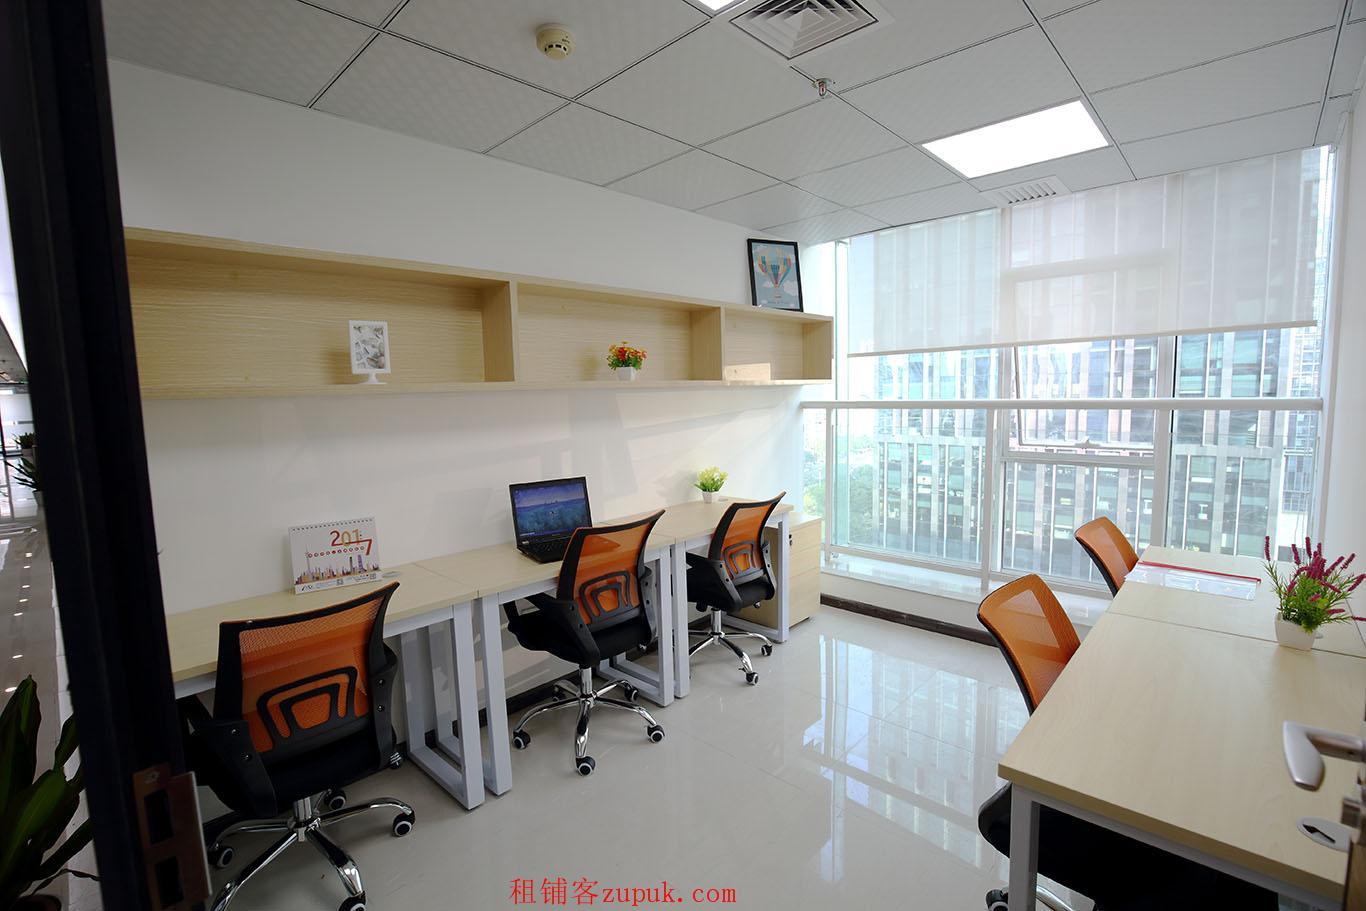 新物业有活动价,小型办公室出租,即租即用,费用全包